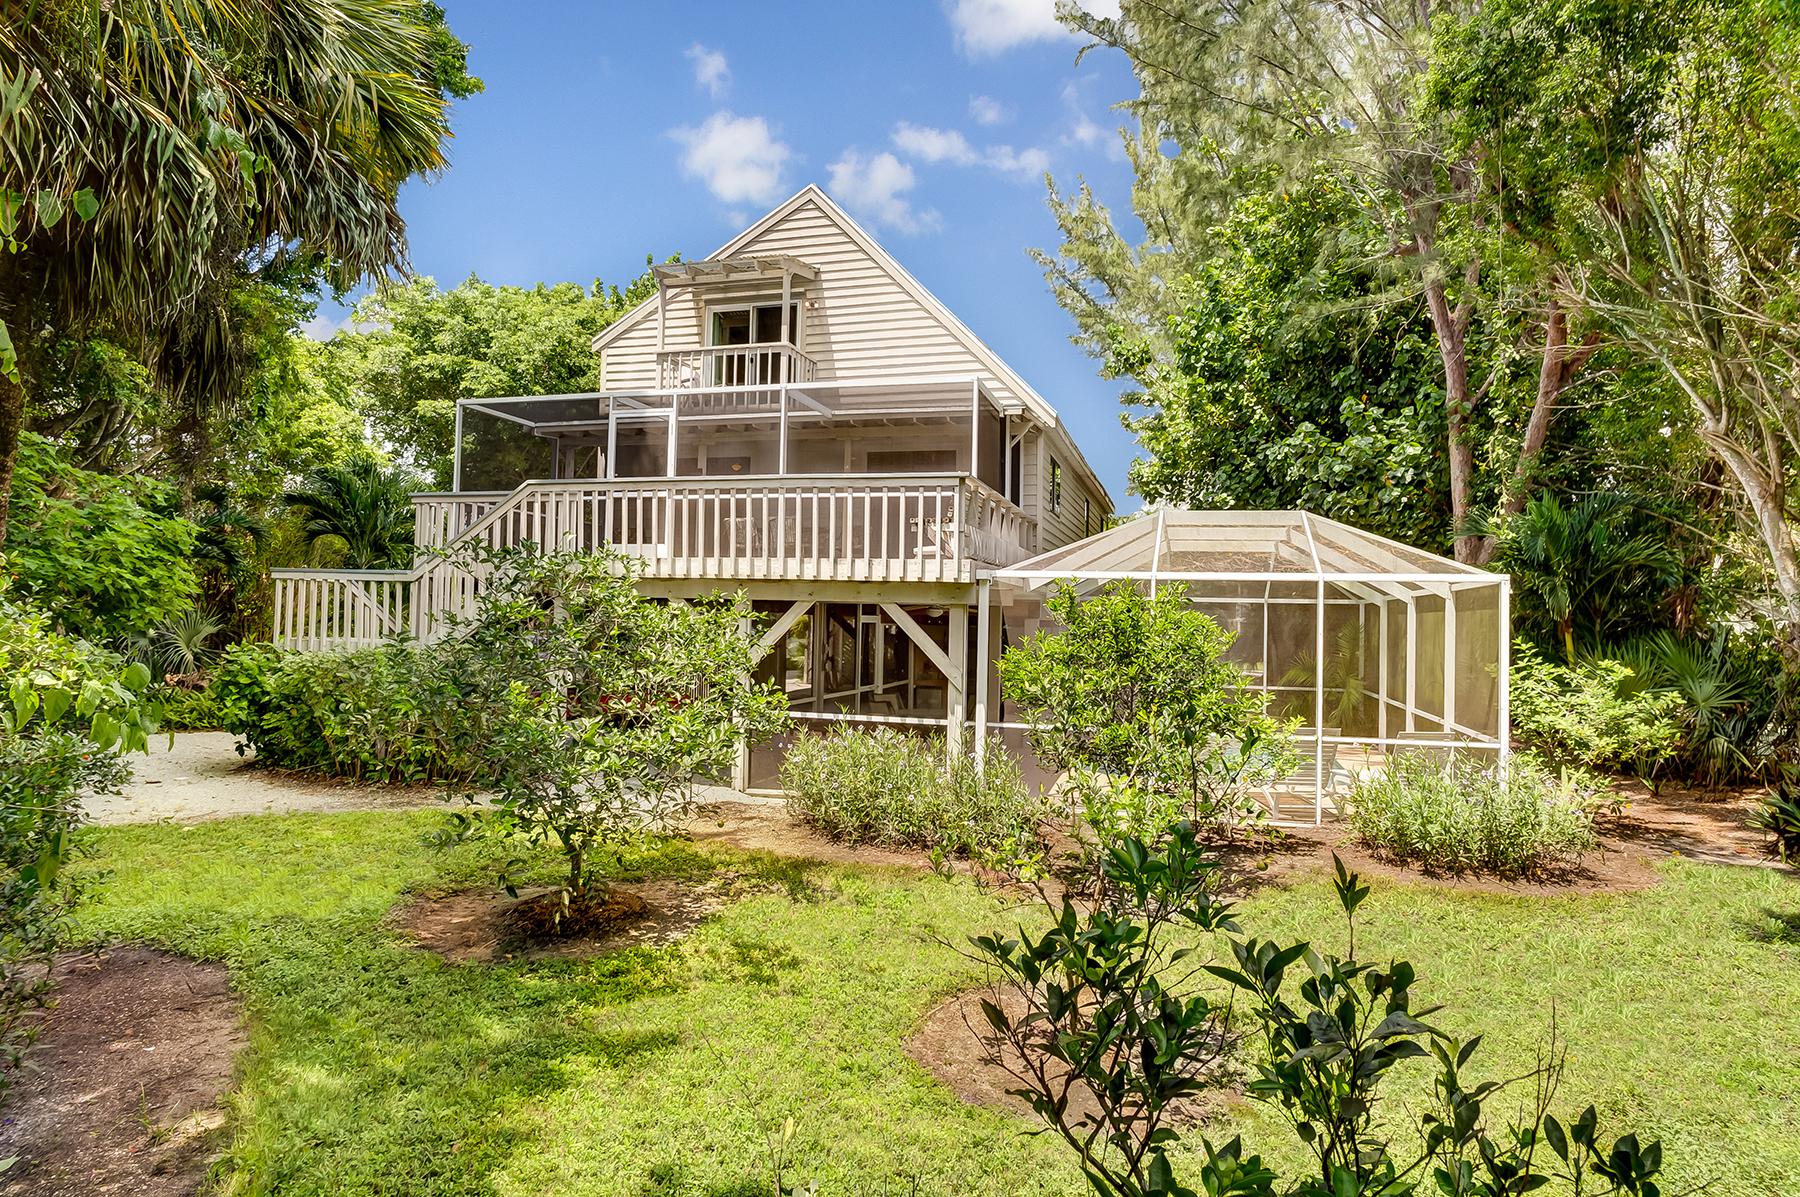 Частный односемейный дом для того Продажа на SANIBEL 1040 Sand Castle Rd Sanibel, Флорида, 33957 Соединенные Штаты